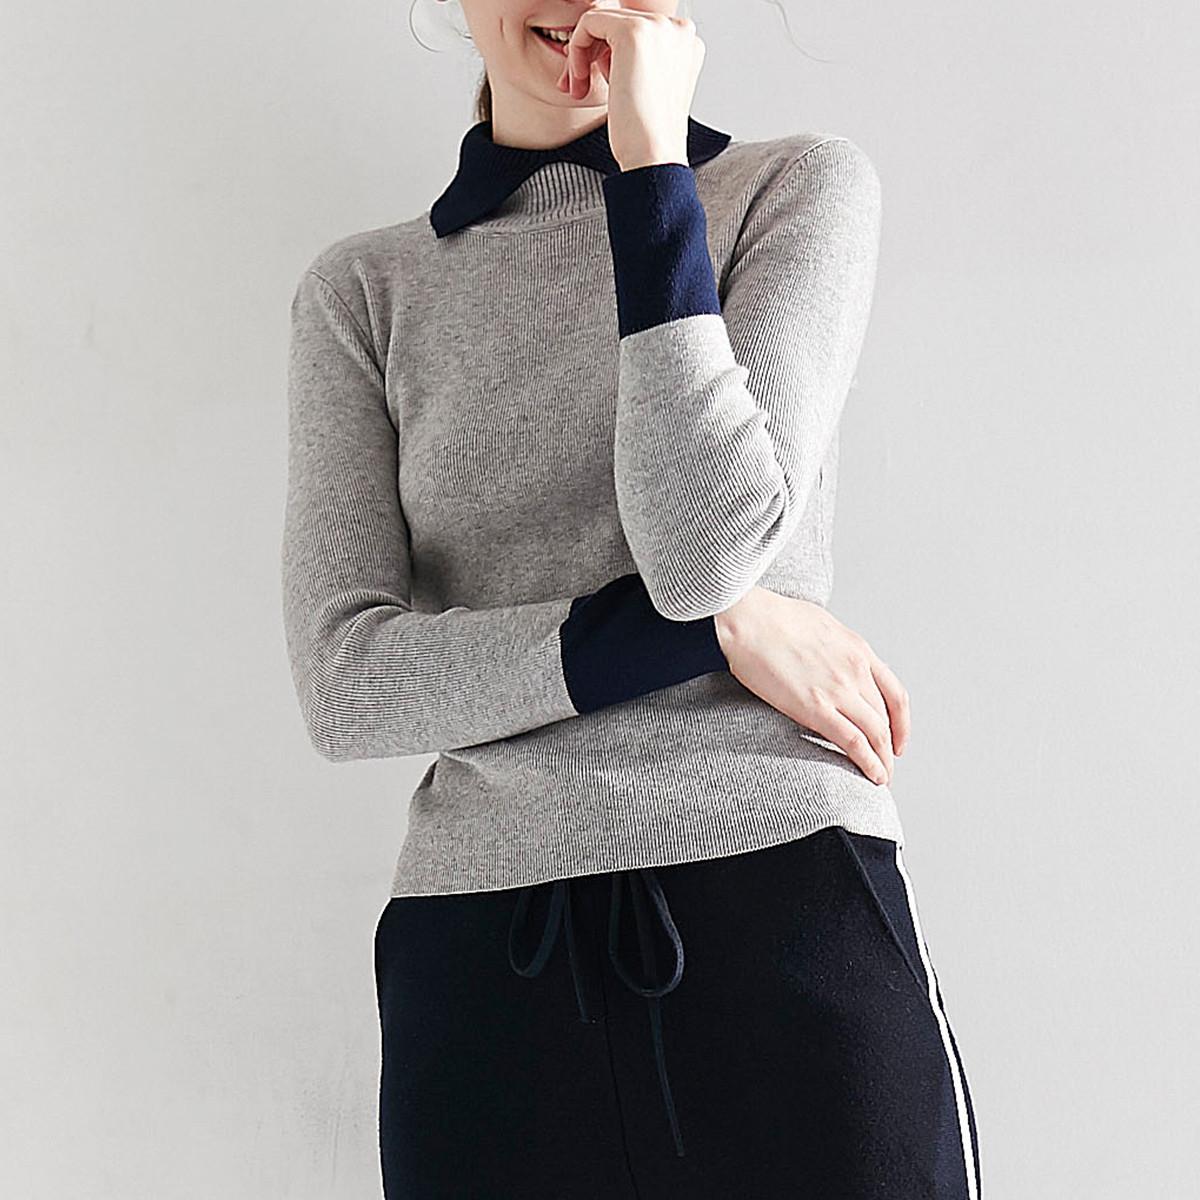 苏珊日记2019新款紧身上衣针织衫女假两件羊毛衫打底衫女修身女式毛衣WIM175